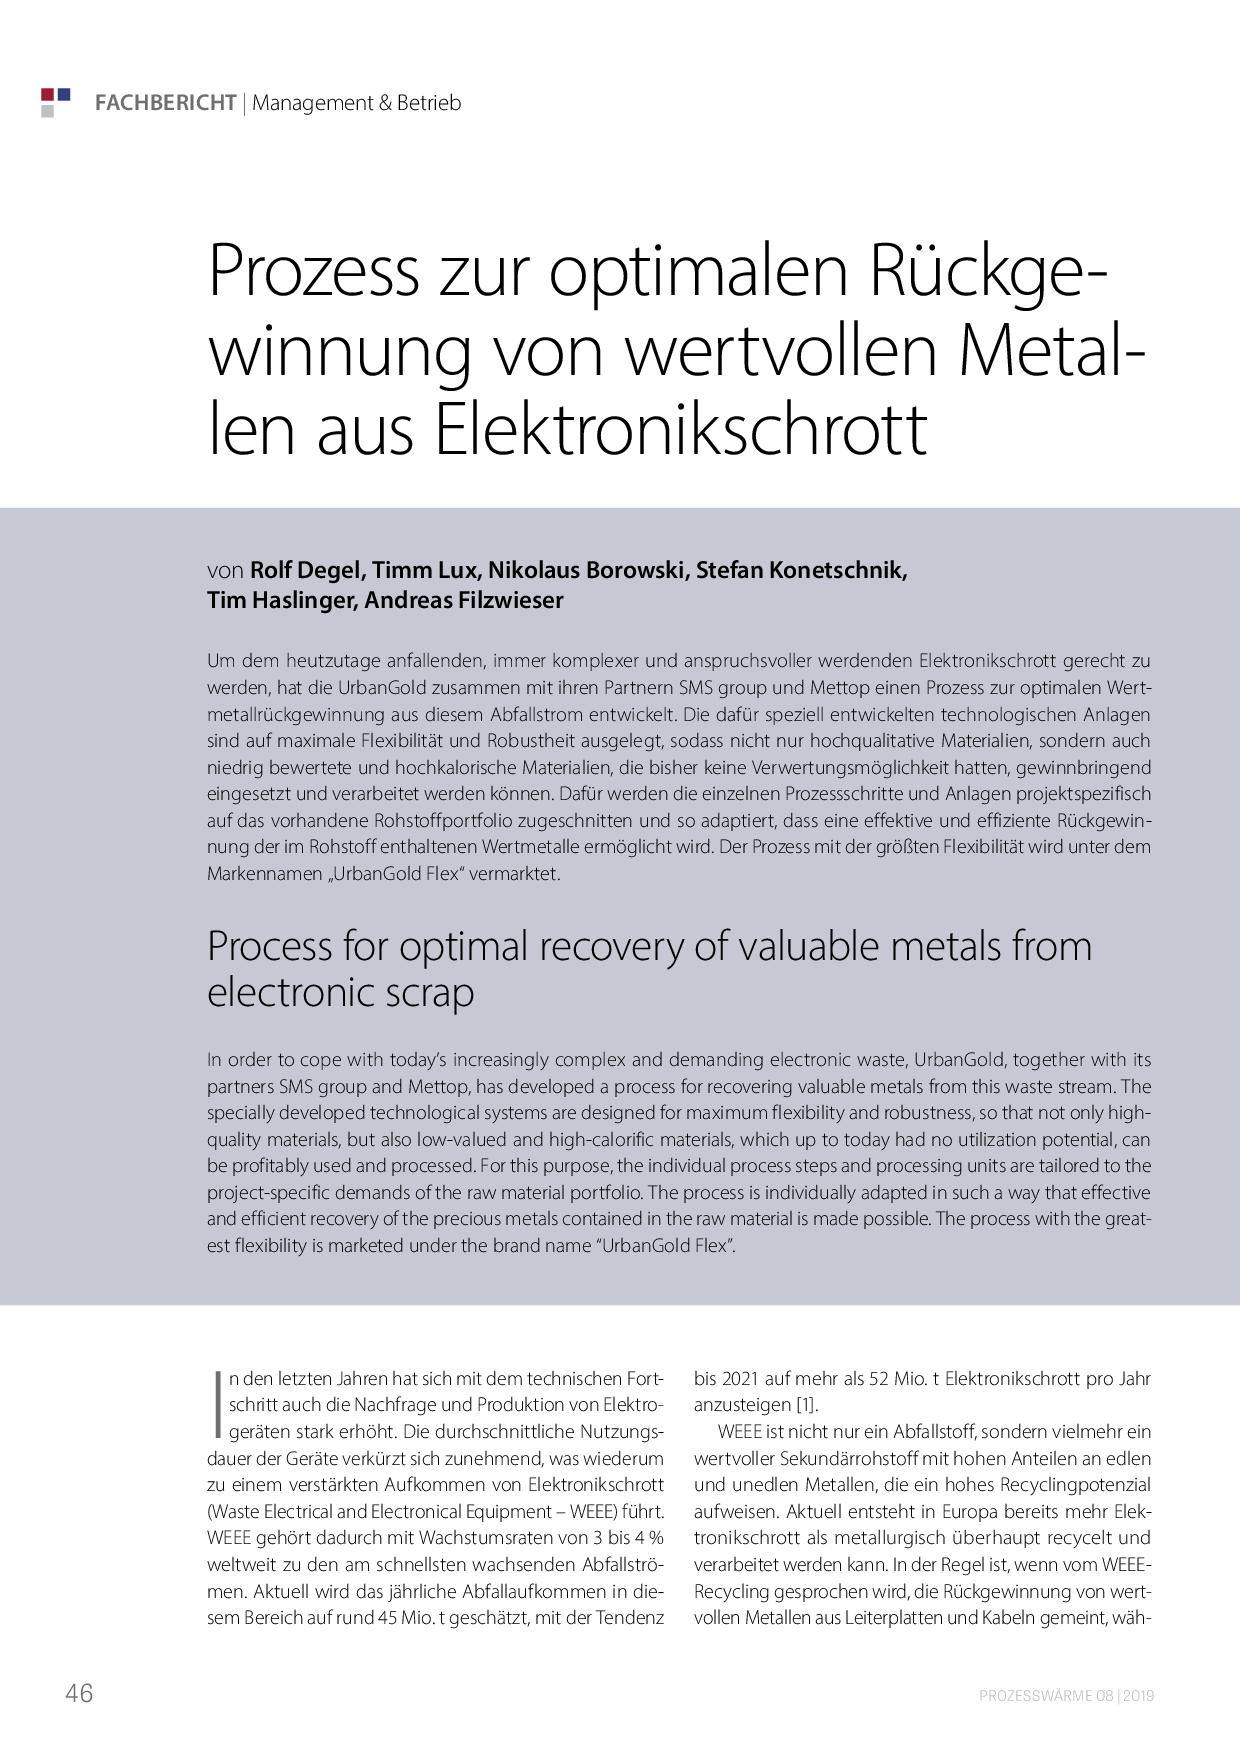 Prozess zur optimalen Rückgewinnung von wertvollen Metallen aus Elektronikschrott